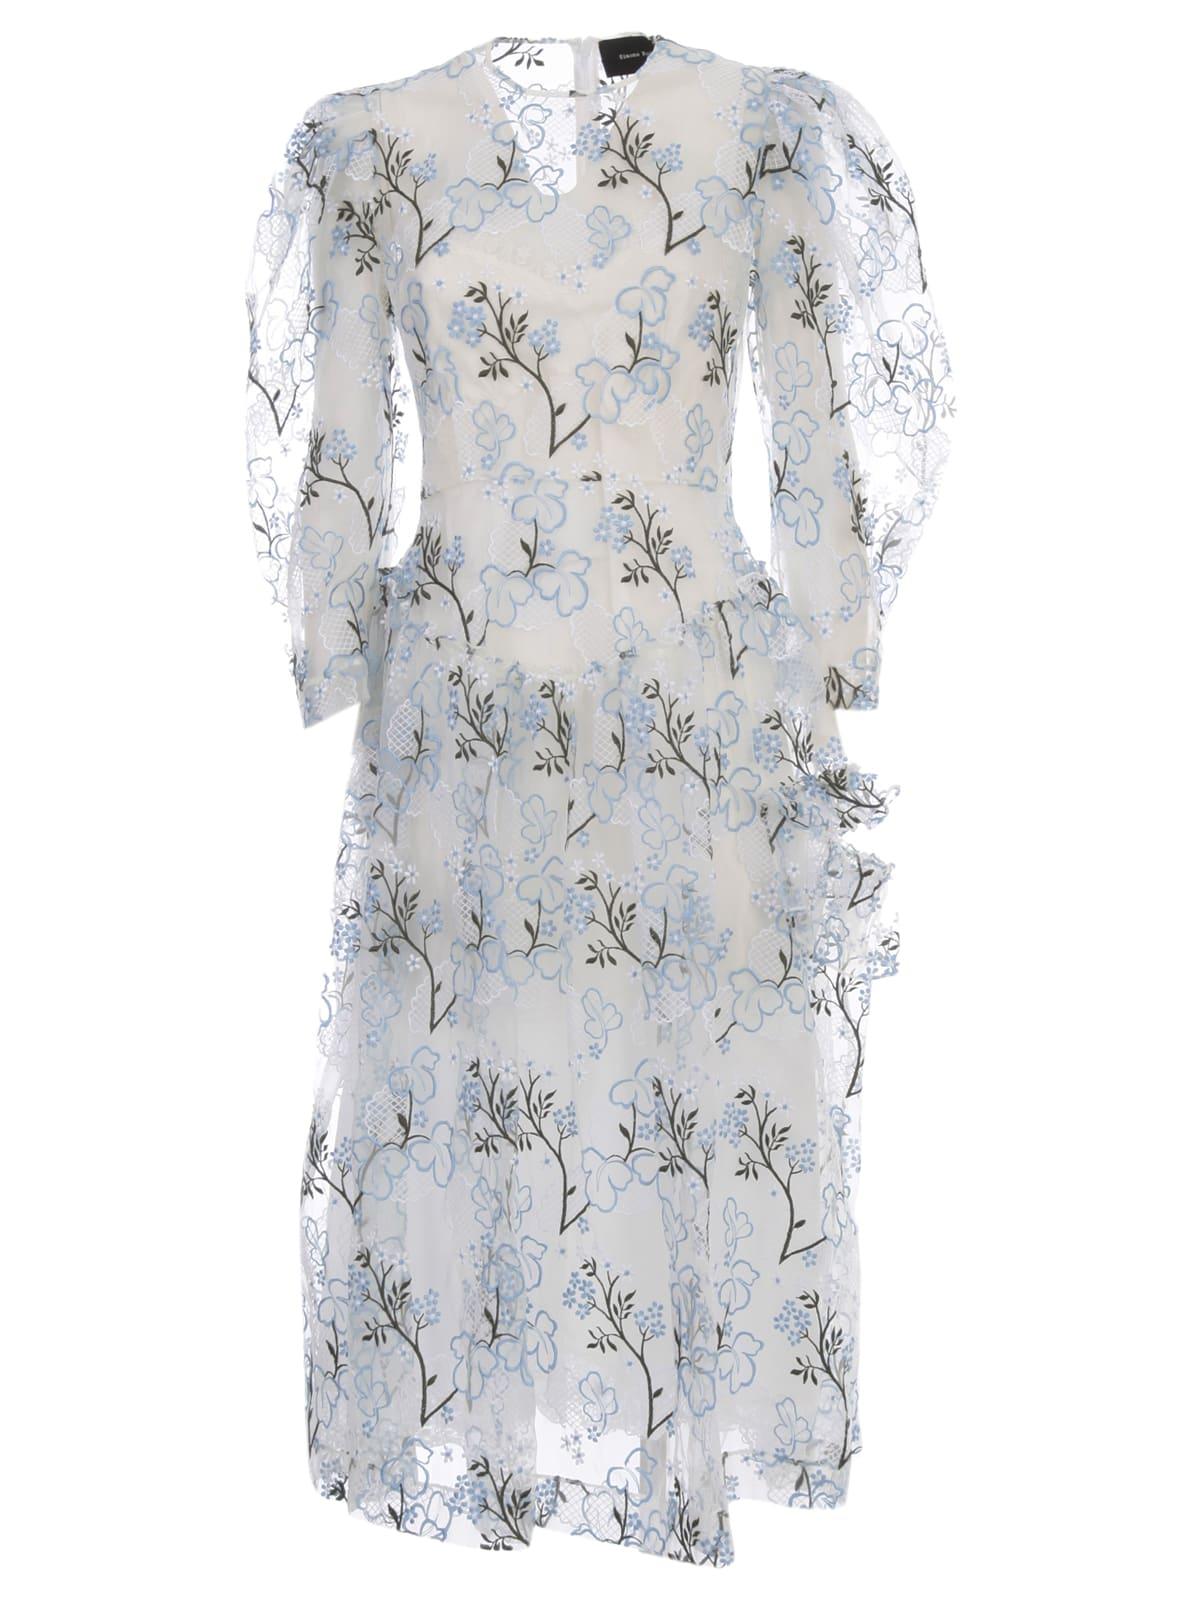 Simone Rocha Full Sleeve Single Bite Dress